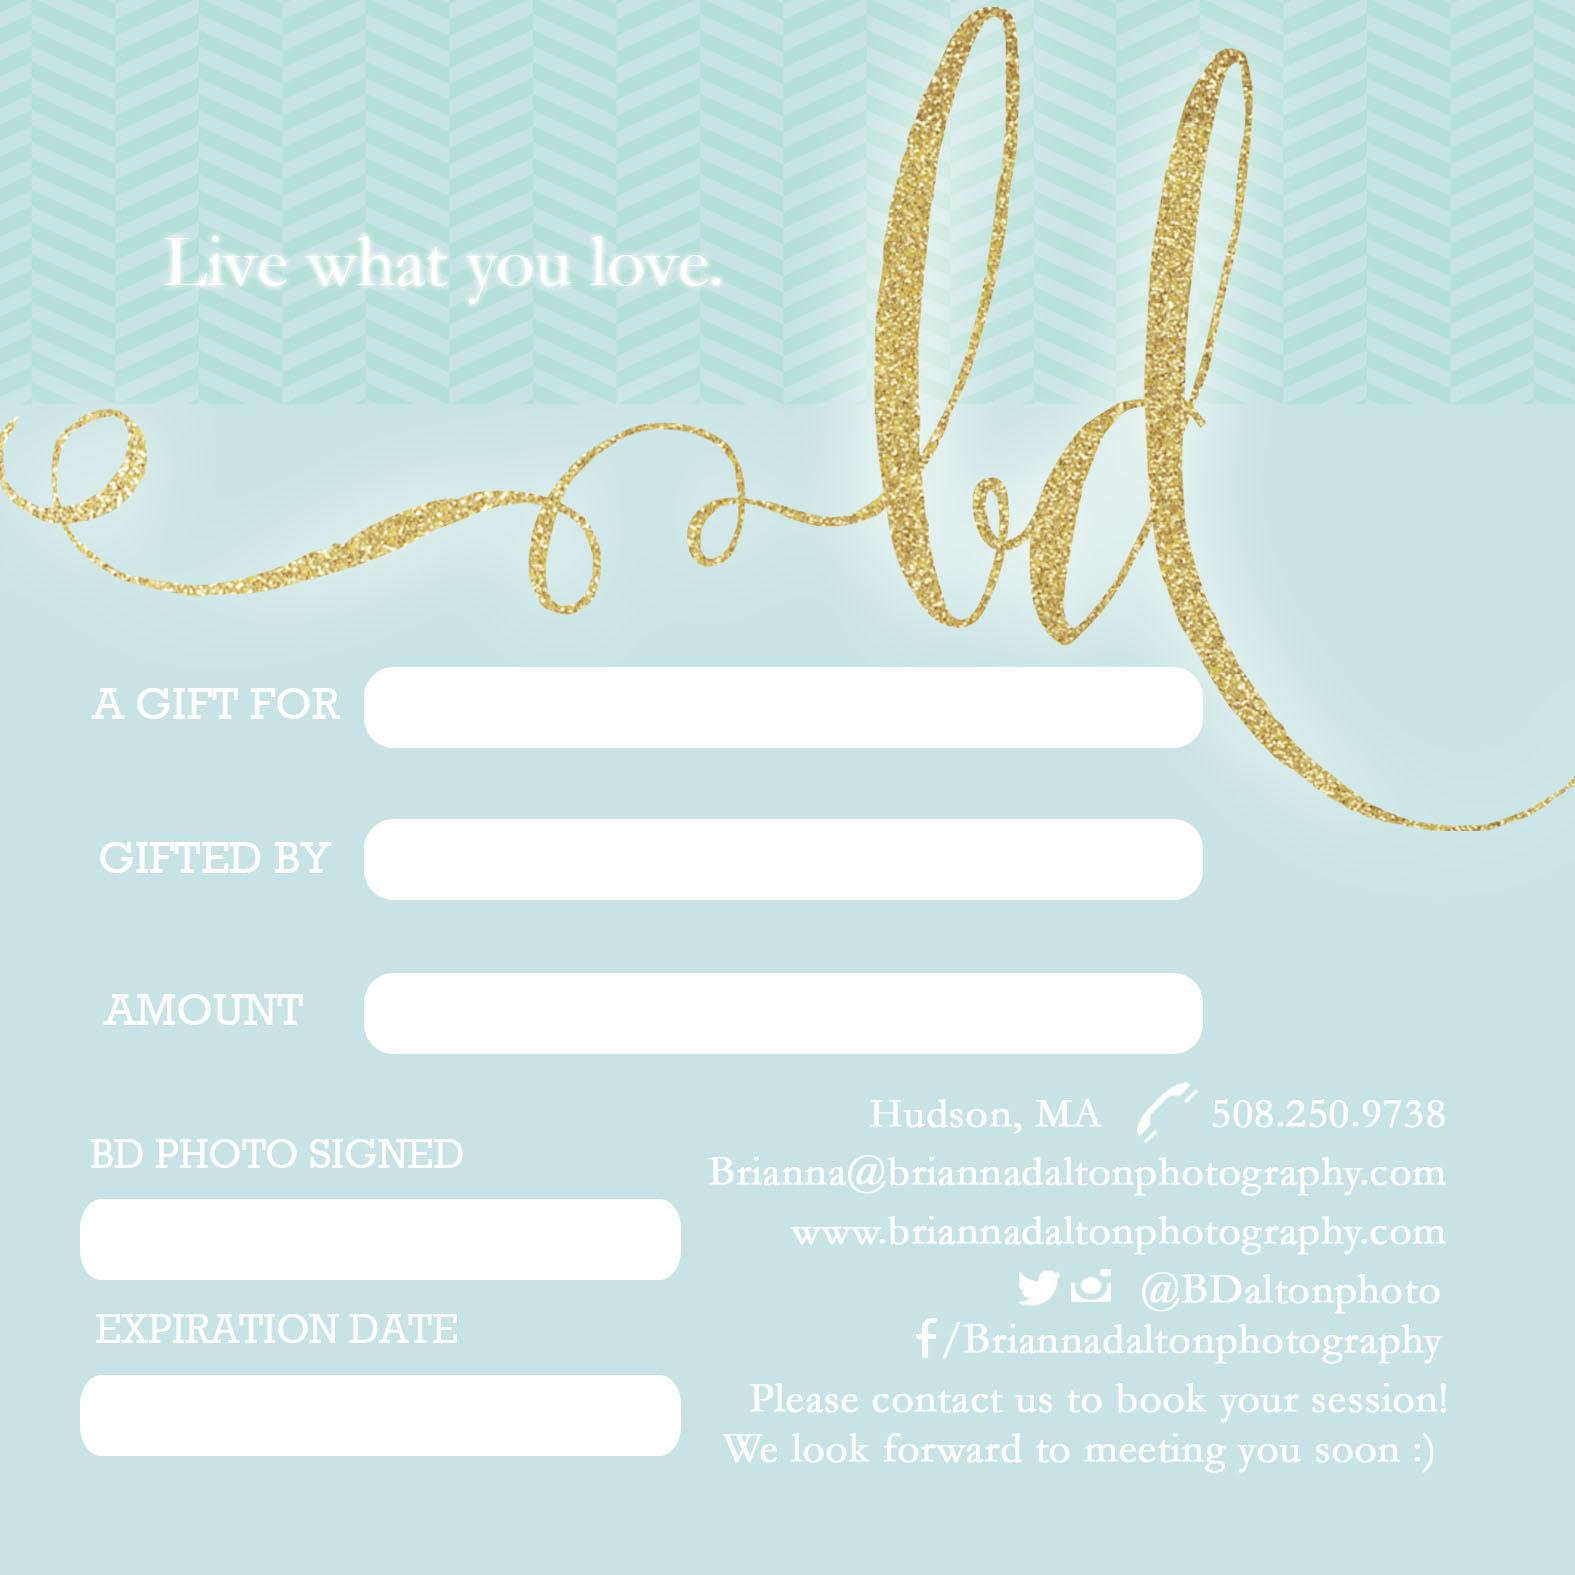 GIFT CARD W/O BD SIG